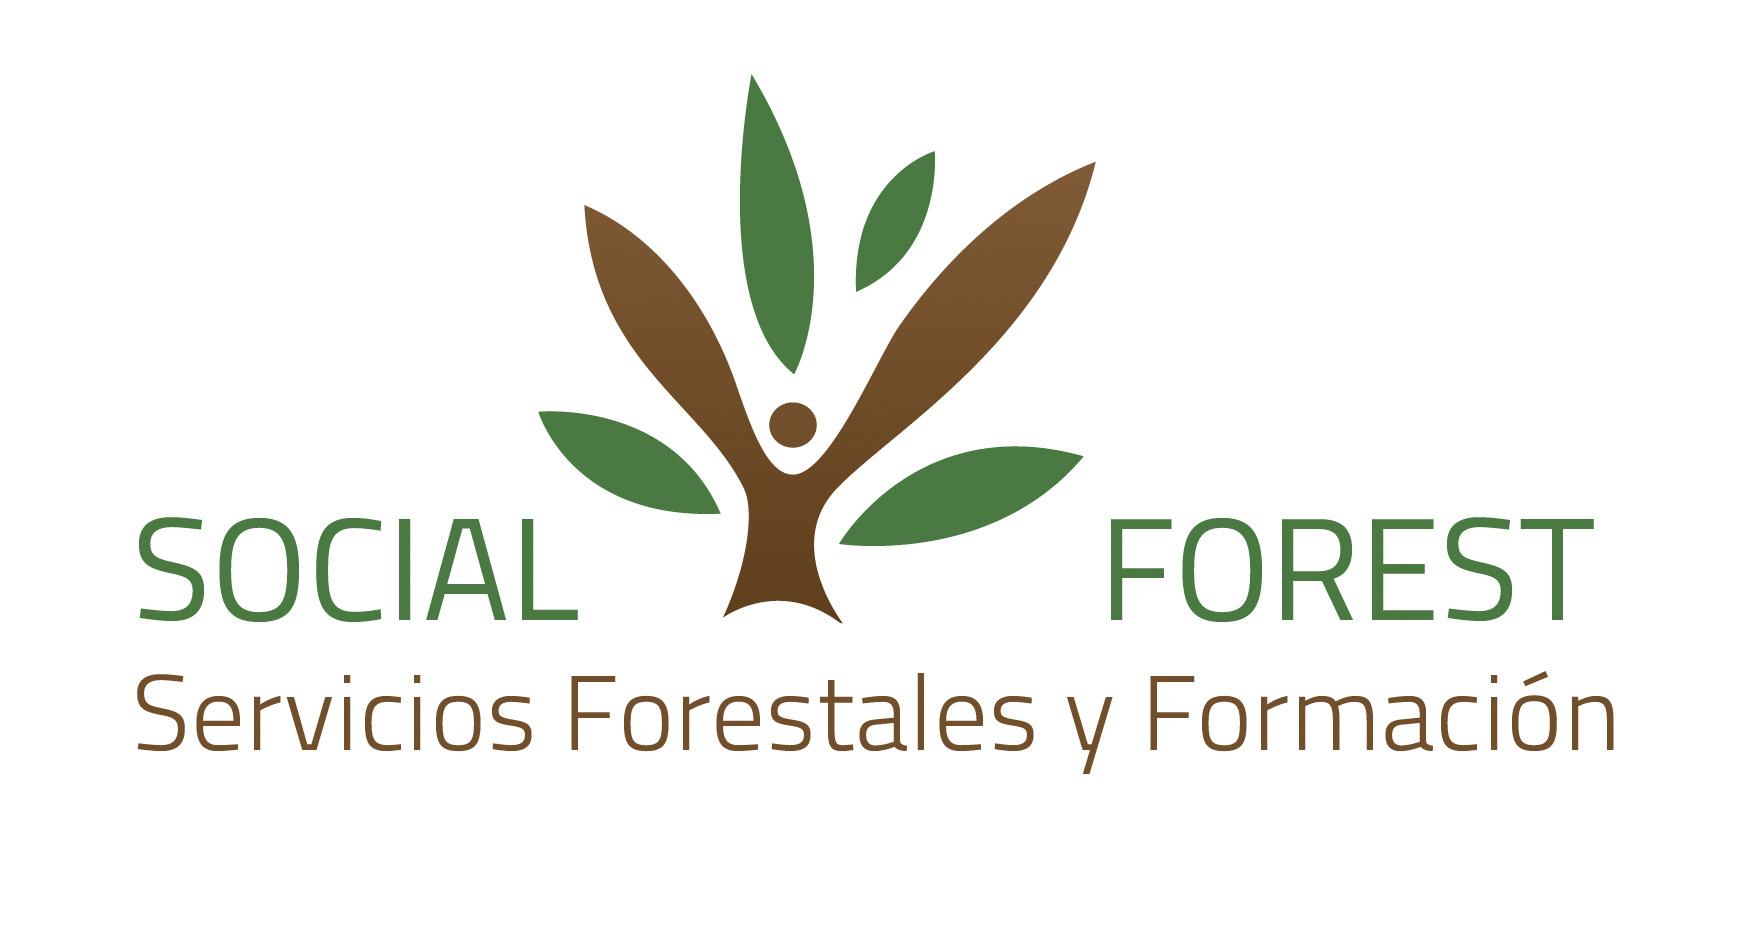 LIFE FOREST CO2 Y SOCIALFOREST, ALIADOS POR LA GESTIÓN FORESTAL SOSTENIBLE Y LA MITIGACIÓN DEL CAMBIO CLIMÁTICO